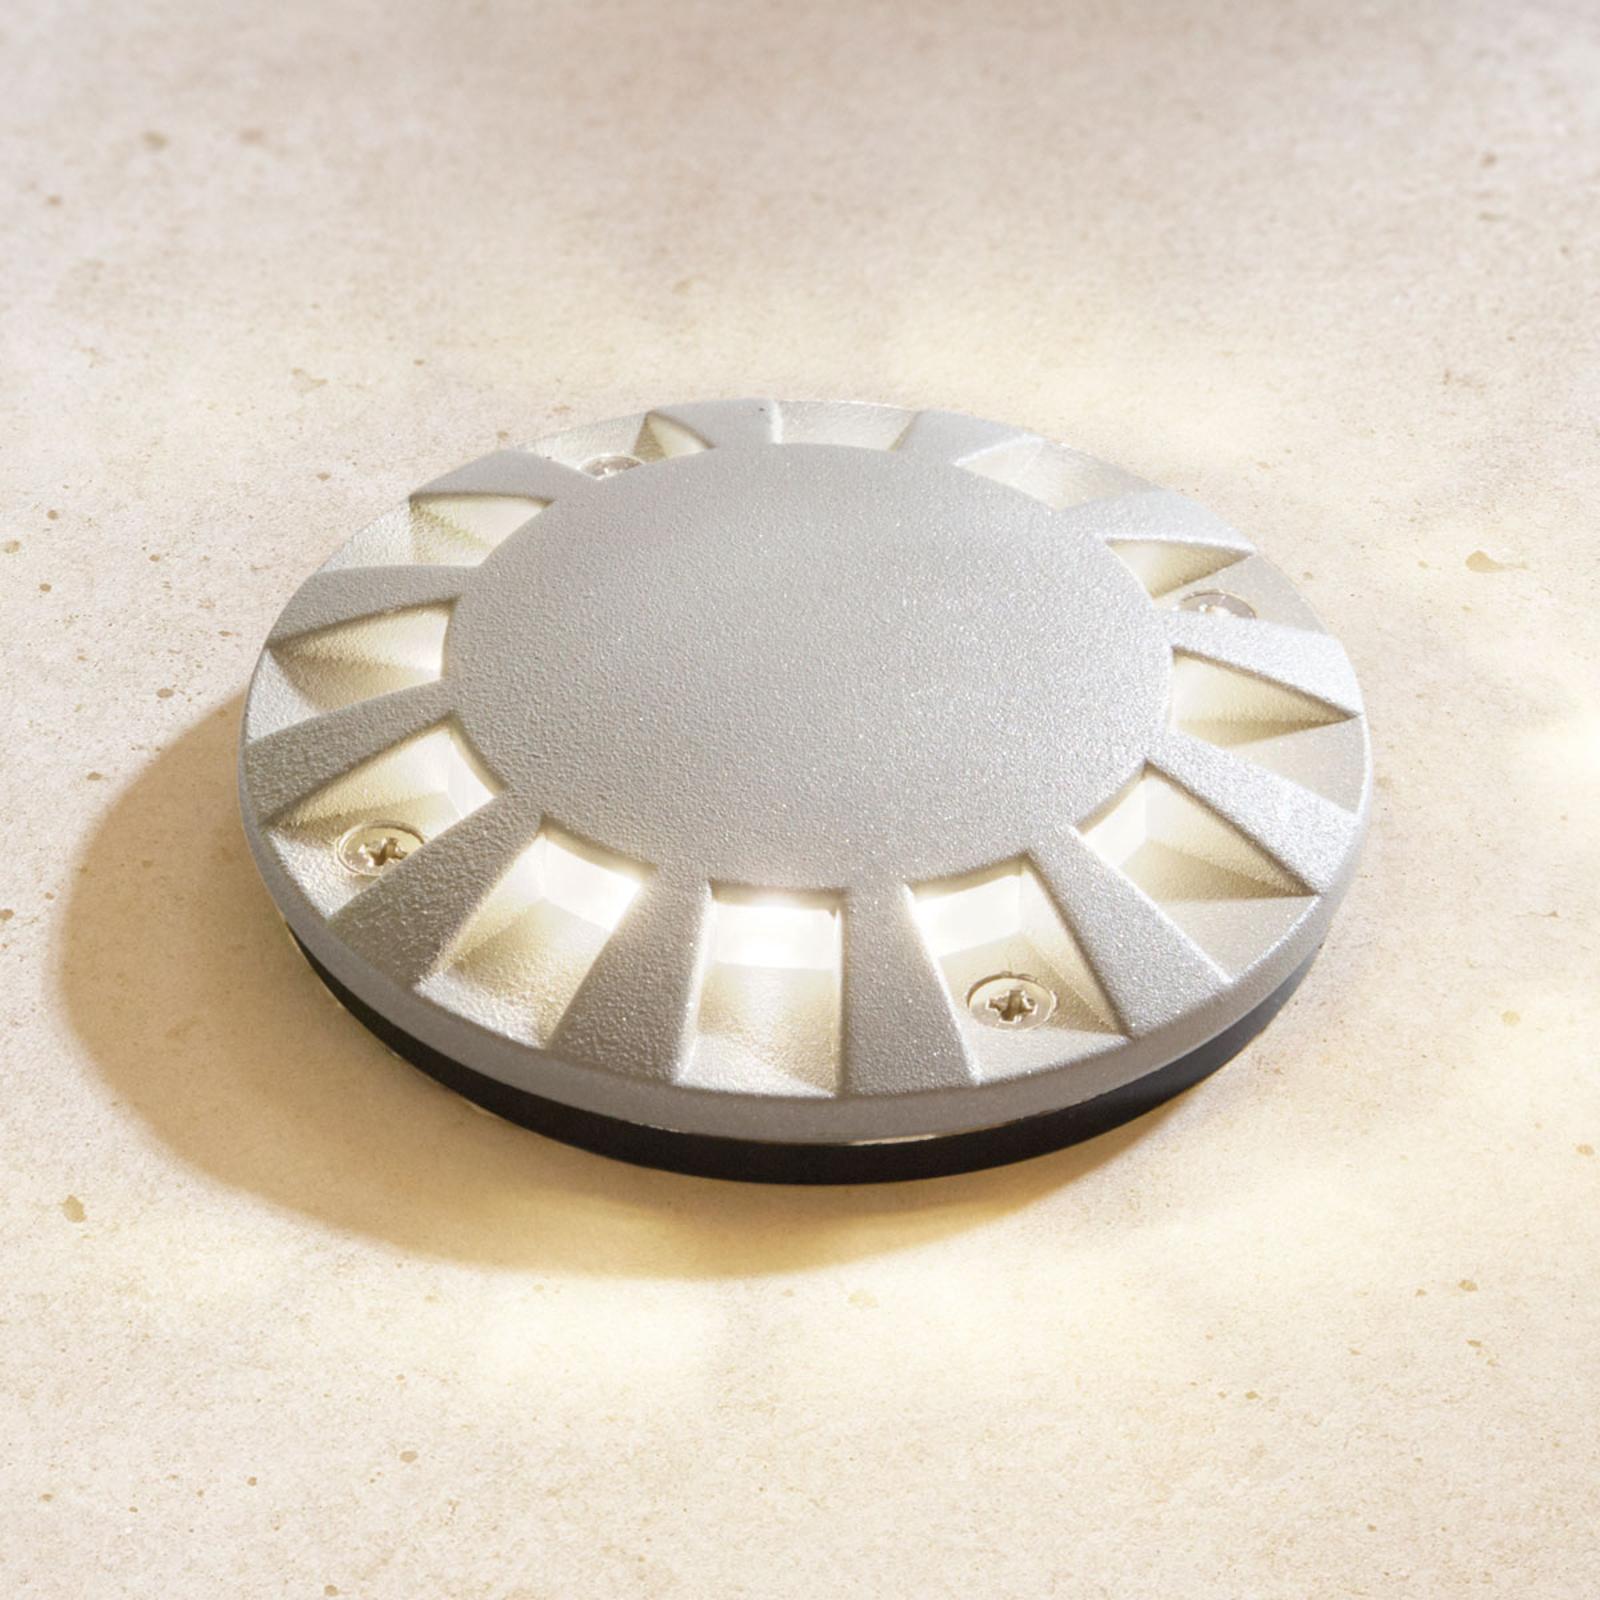 LED-uppovalaisin Namika